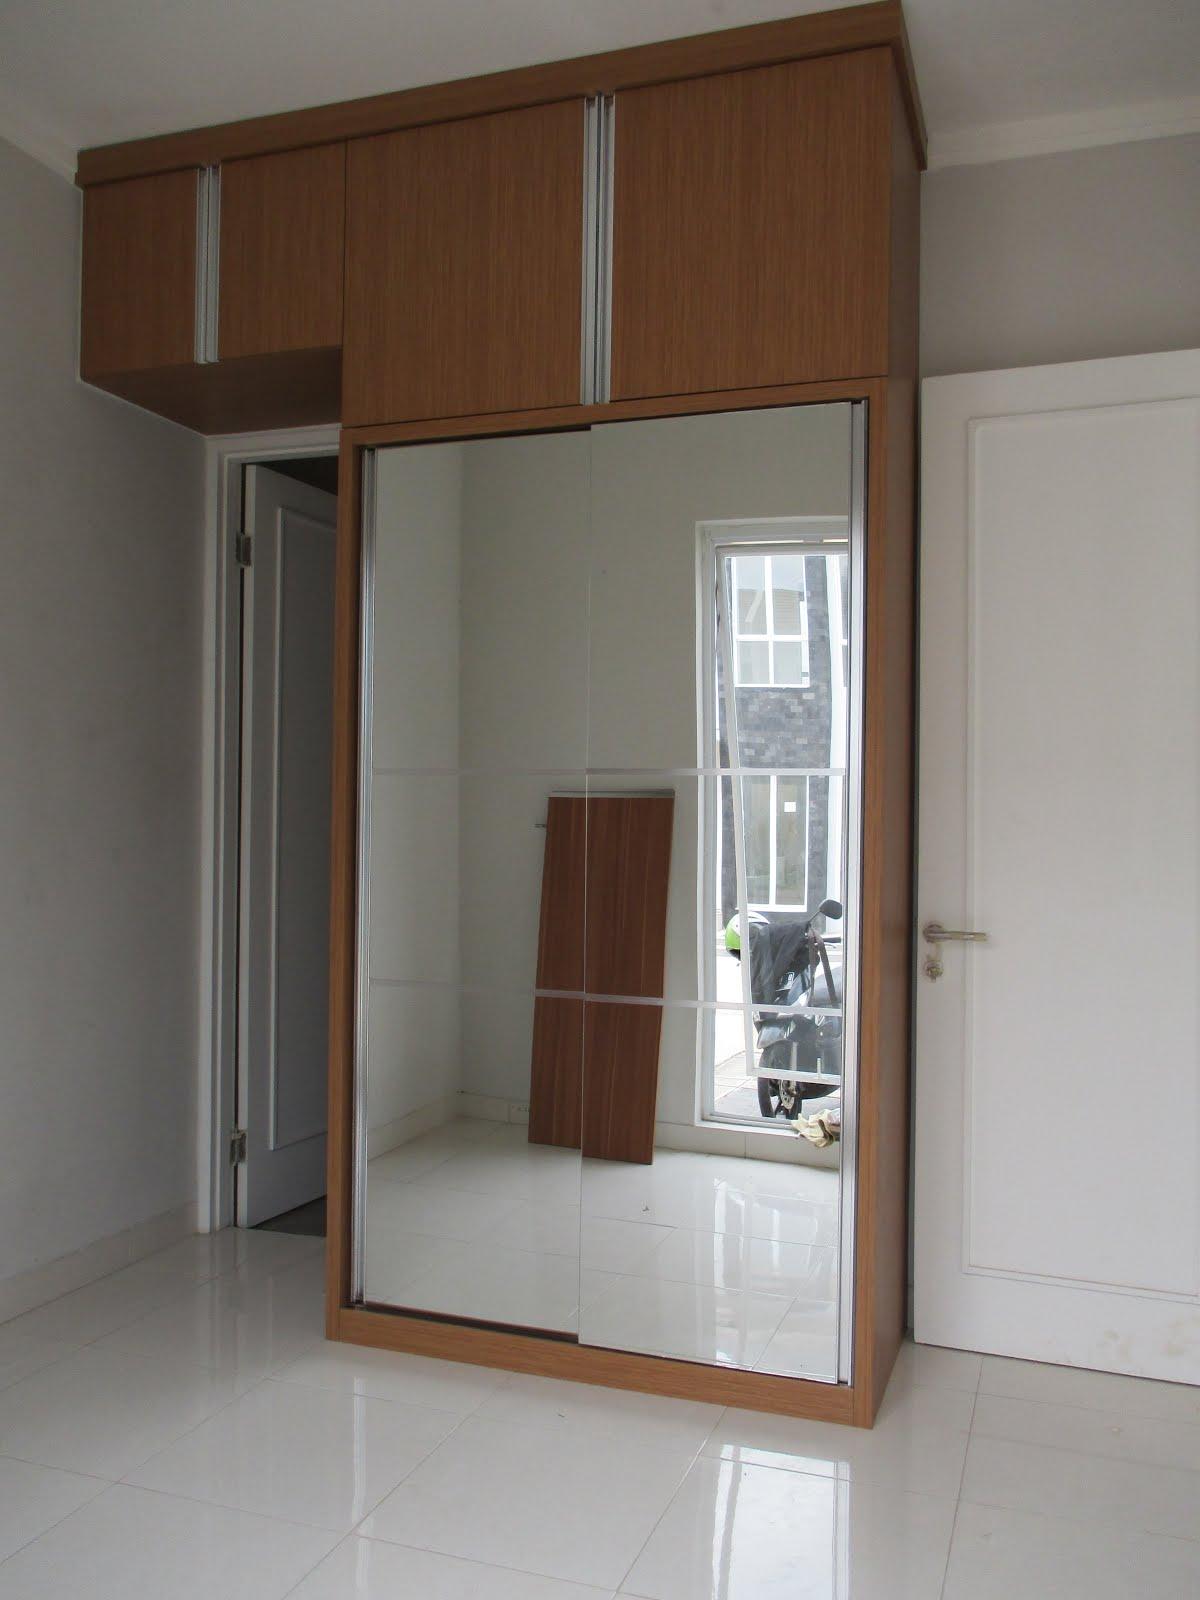 Lemari pakaian pintu sliding ful kaca cermin